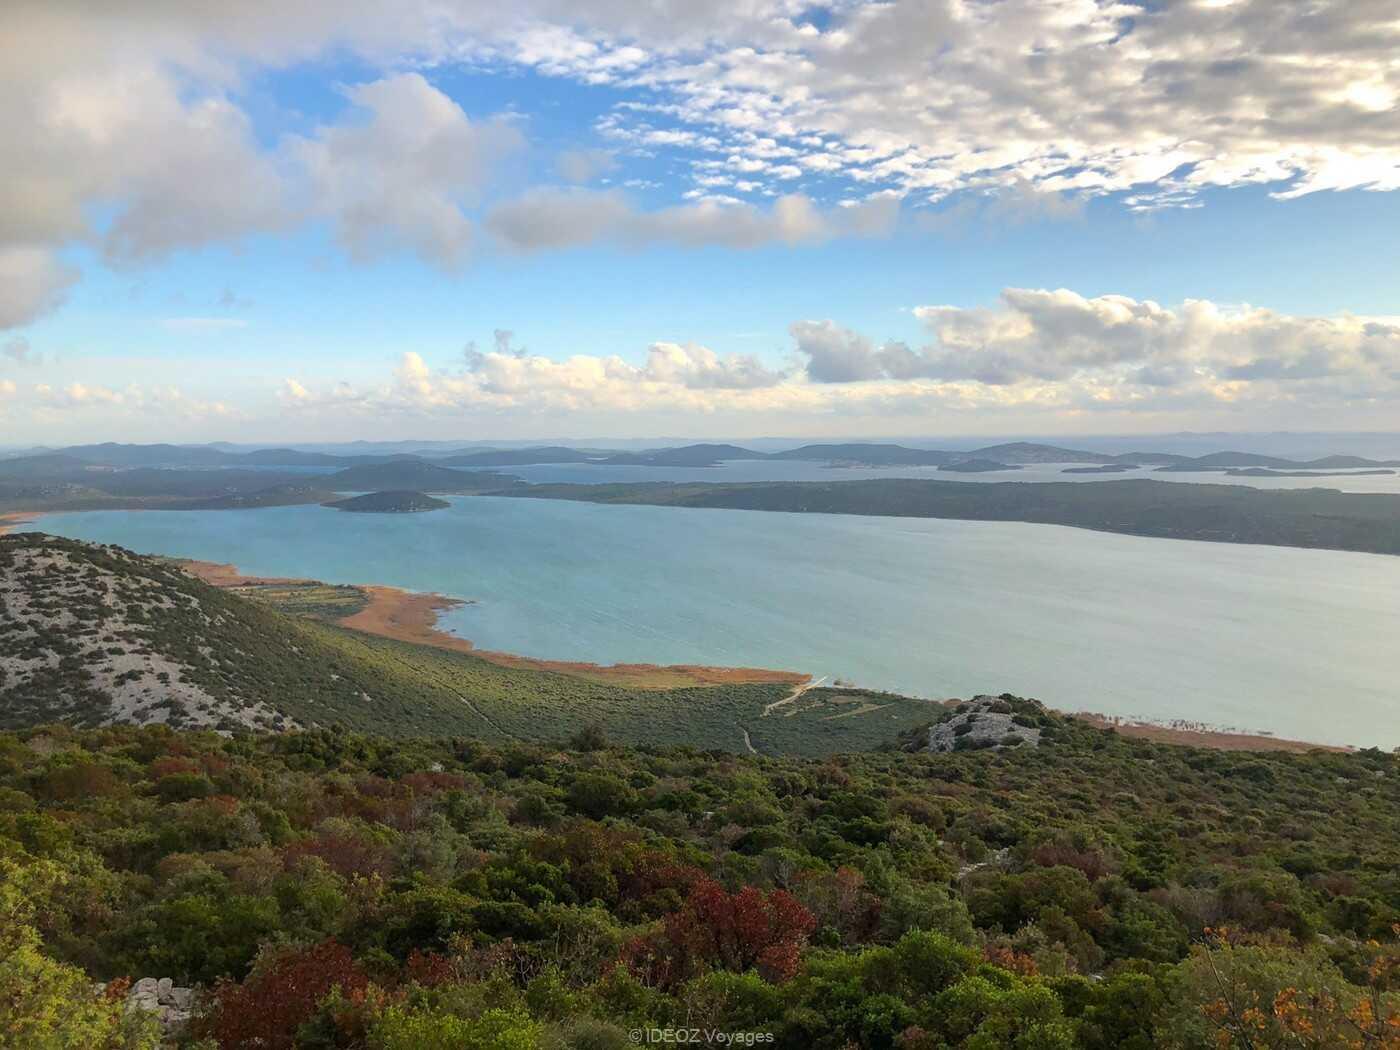 lac de Vrana Vransko jezero